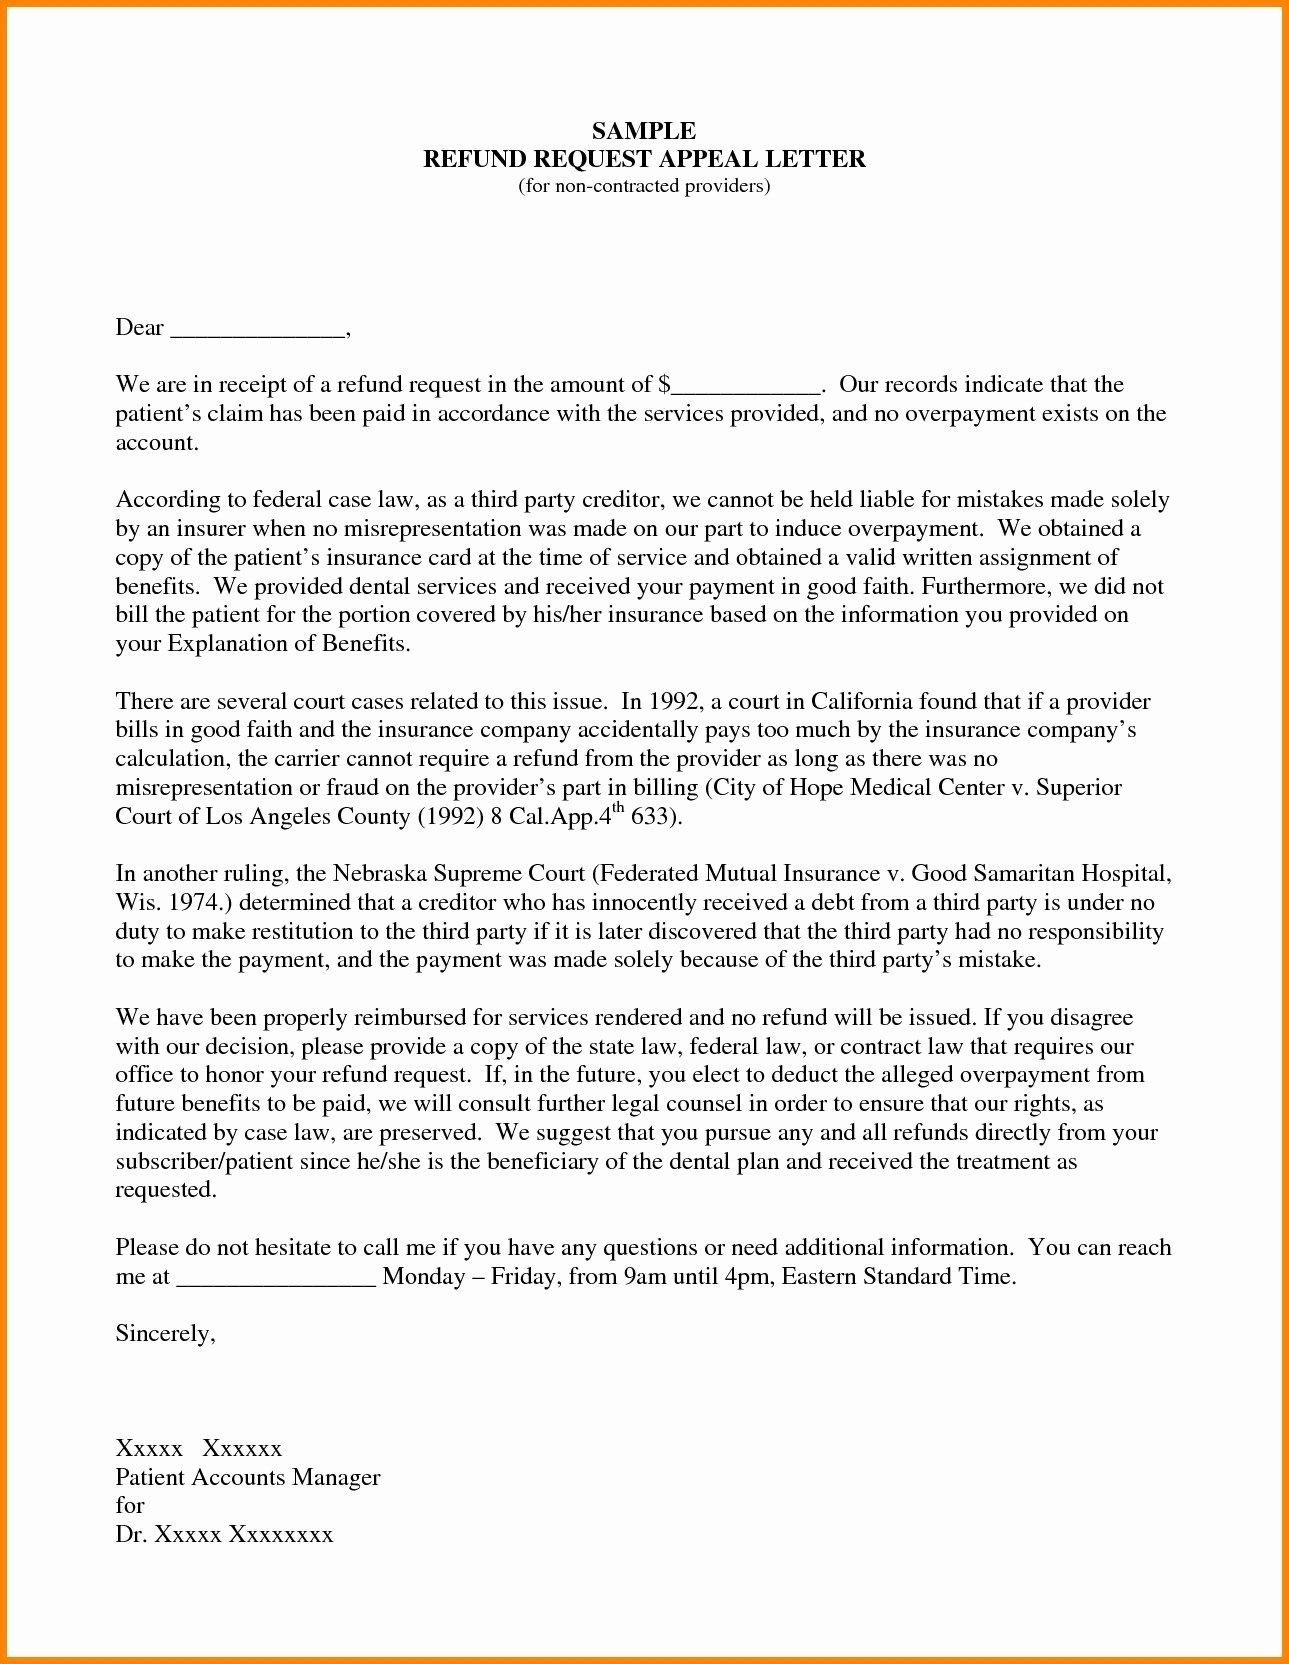 Insurance Appeal Letter Samples Inspirational Sample Insurance Appeal Letter for No Authorization 2018